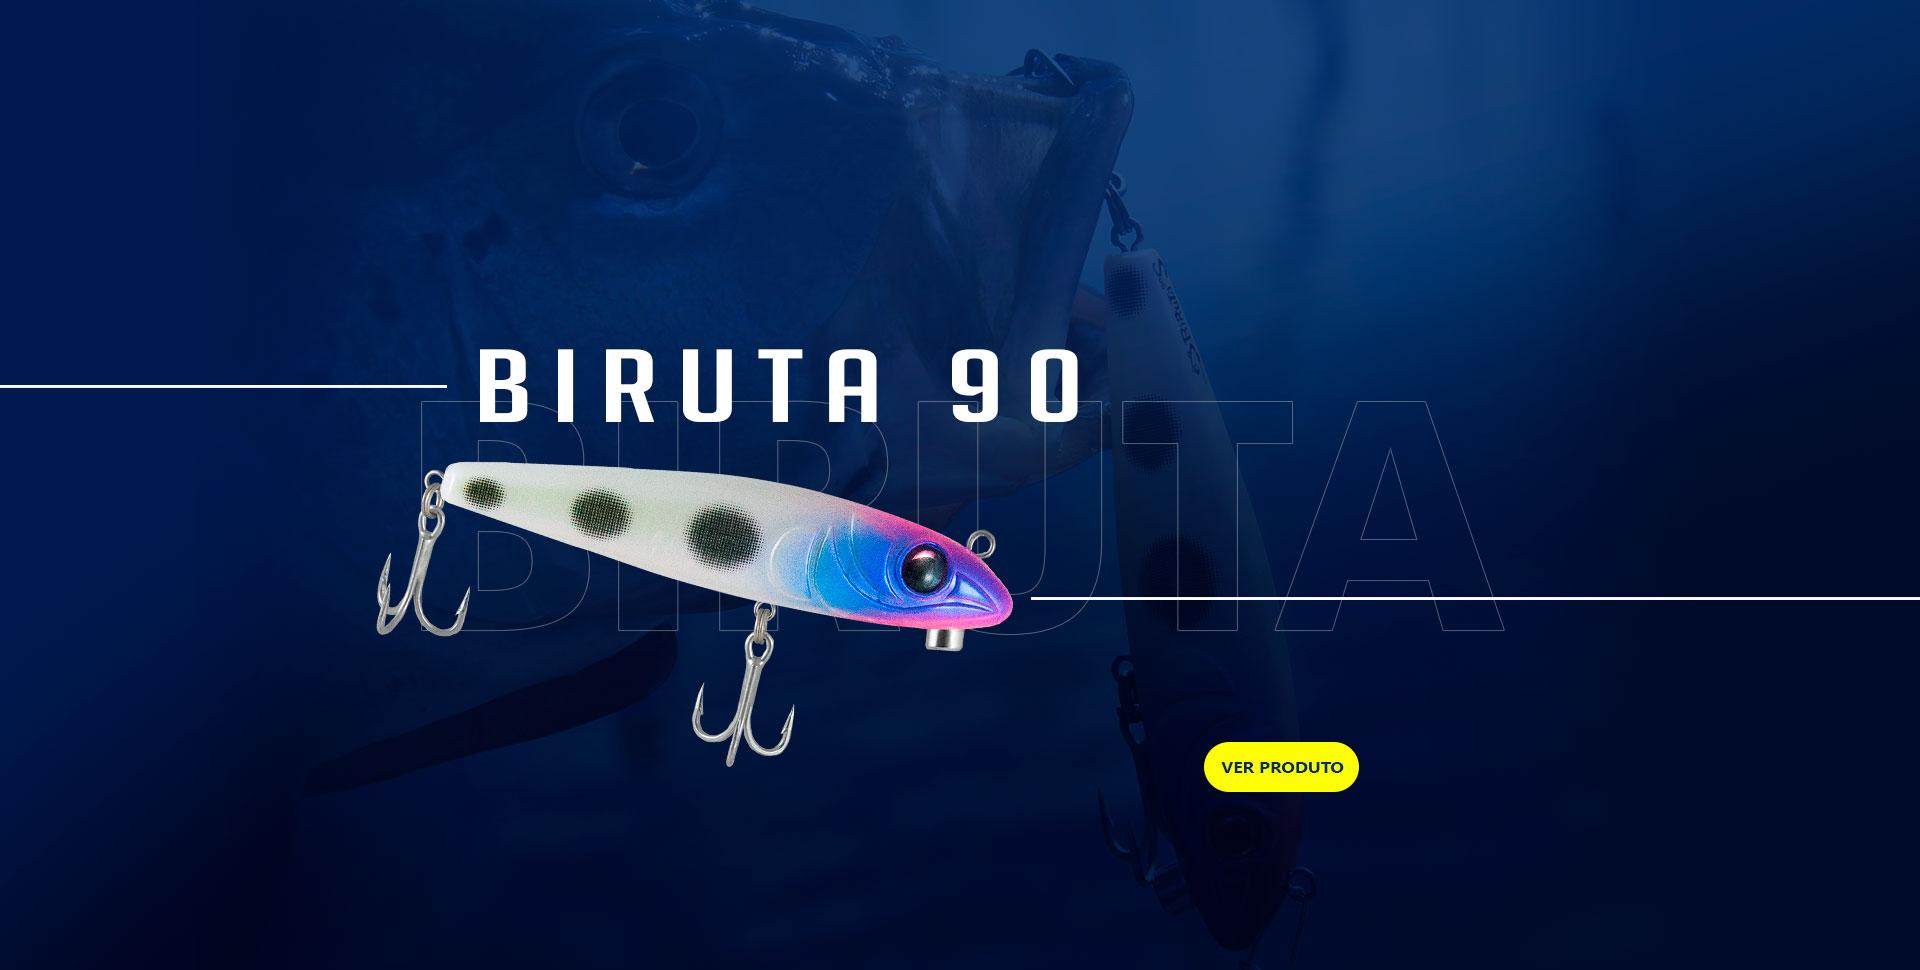 Biruta 90